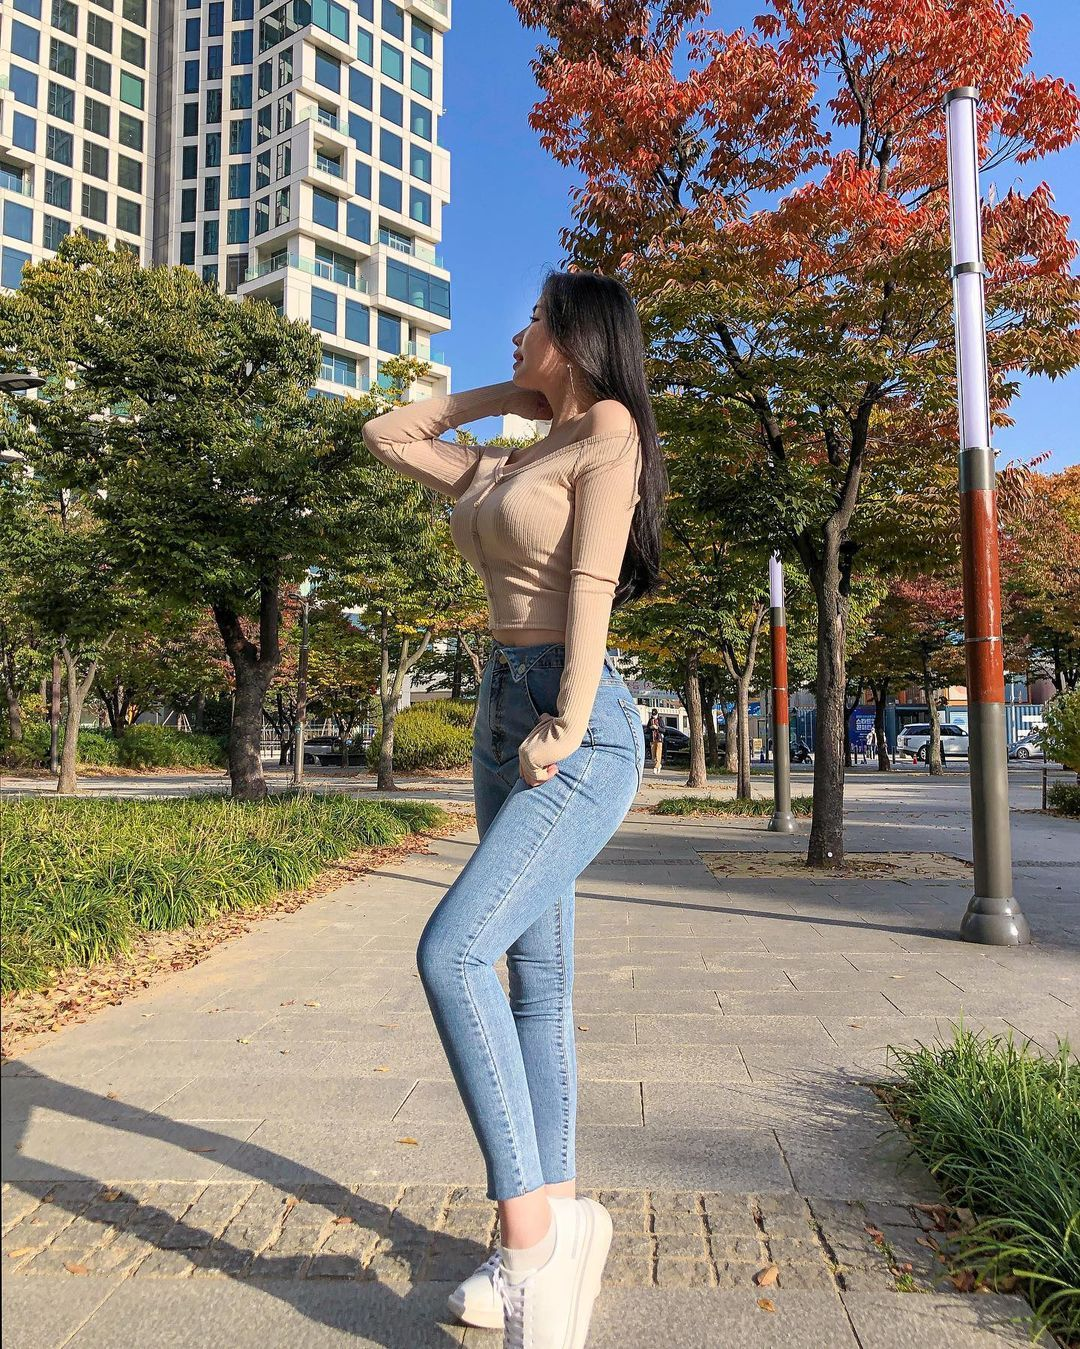 清凉穿着自己卖 [韩国泳衣阙娘Yebin]亲自试穿性感度满点 养眼图片 第31张